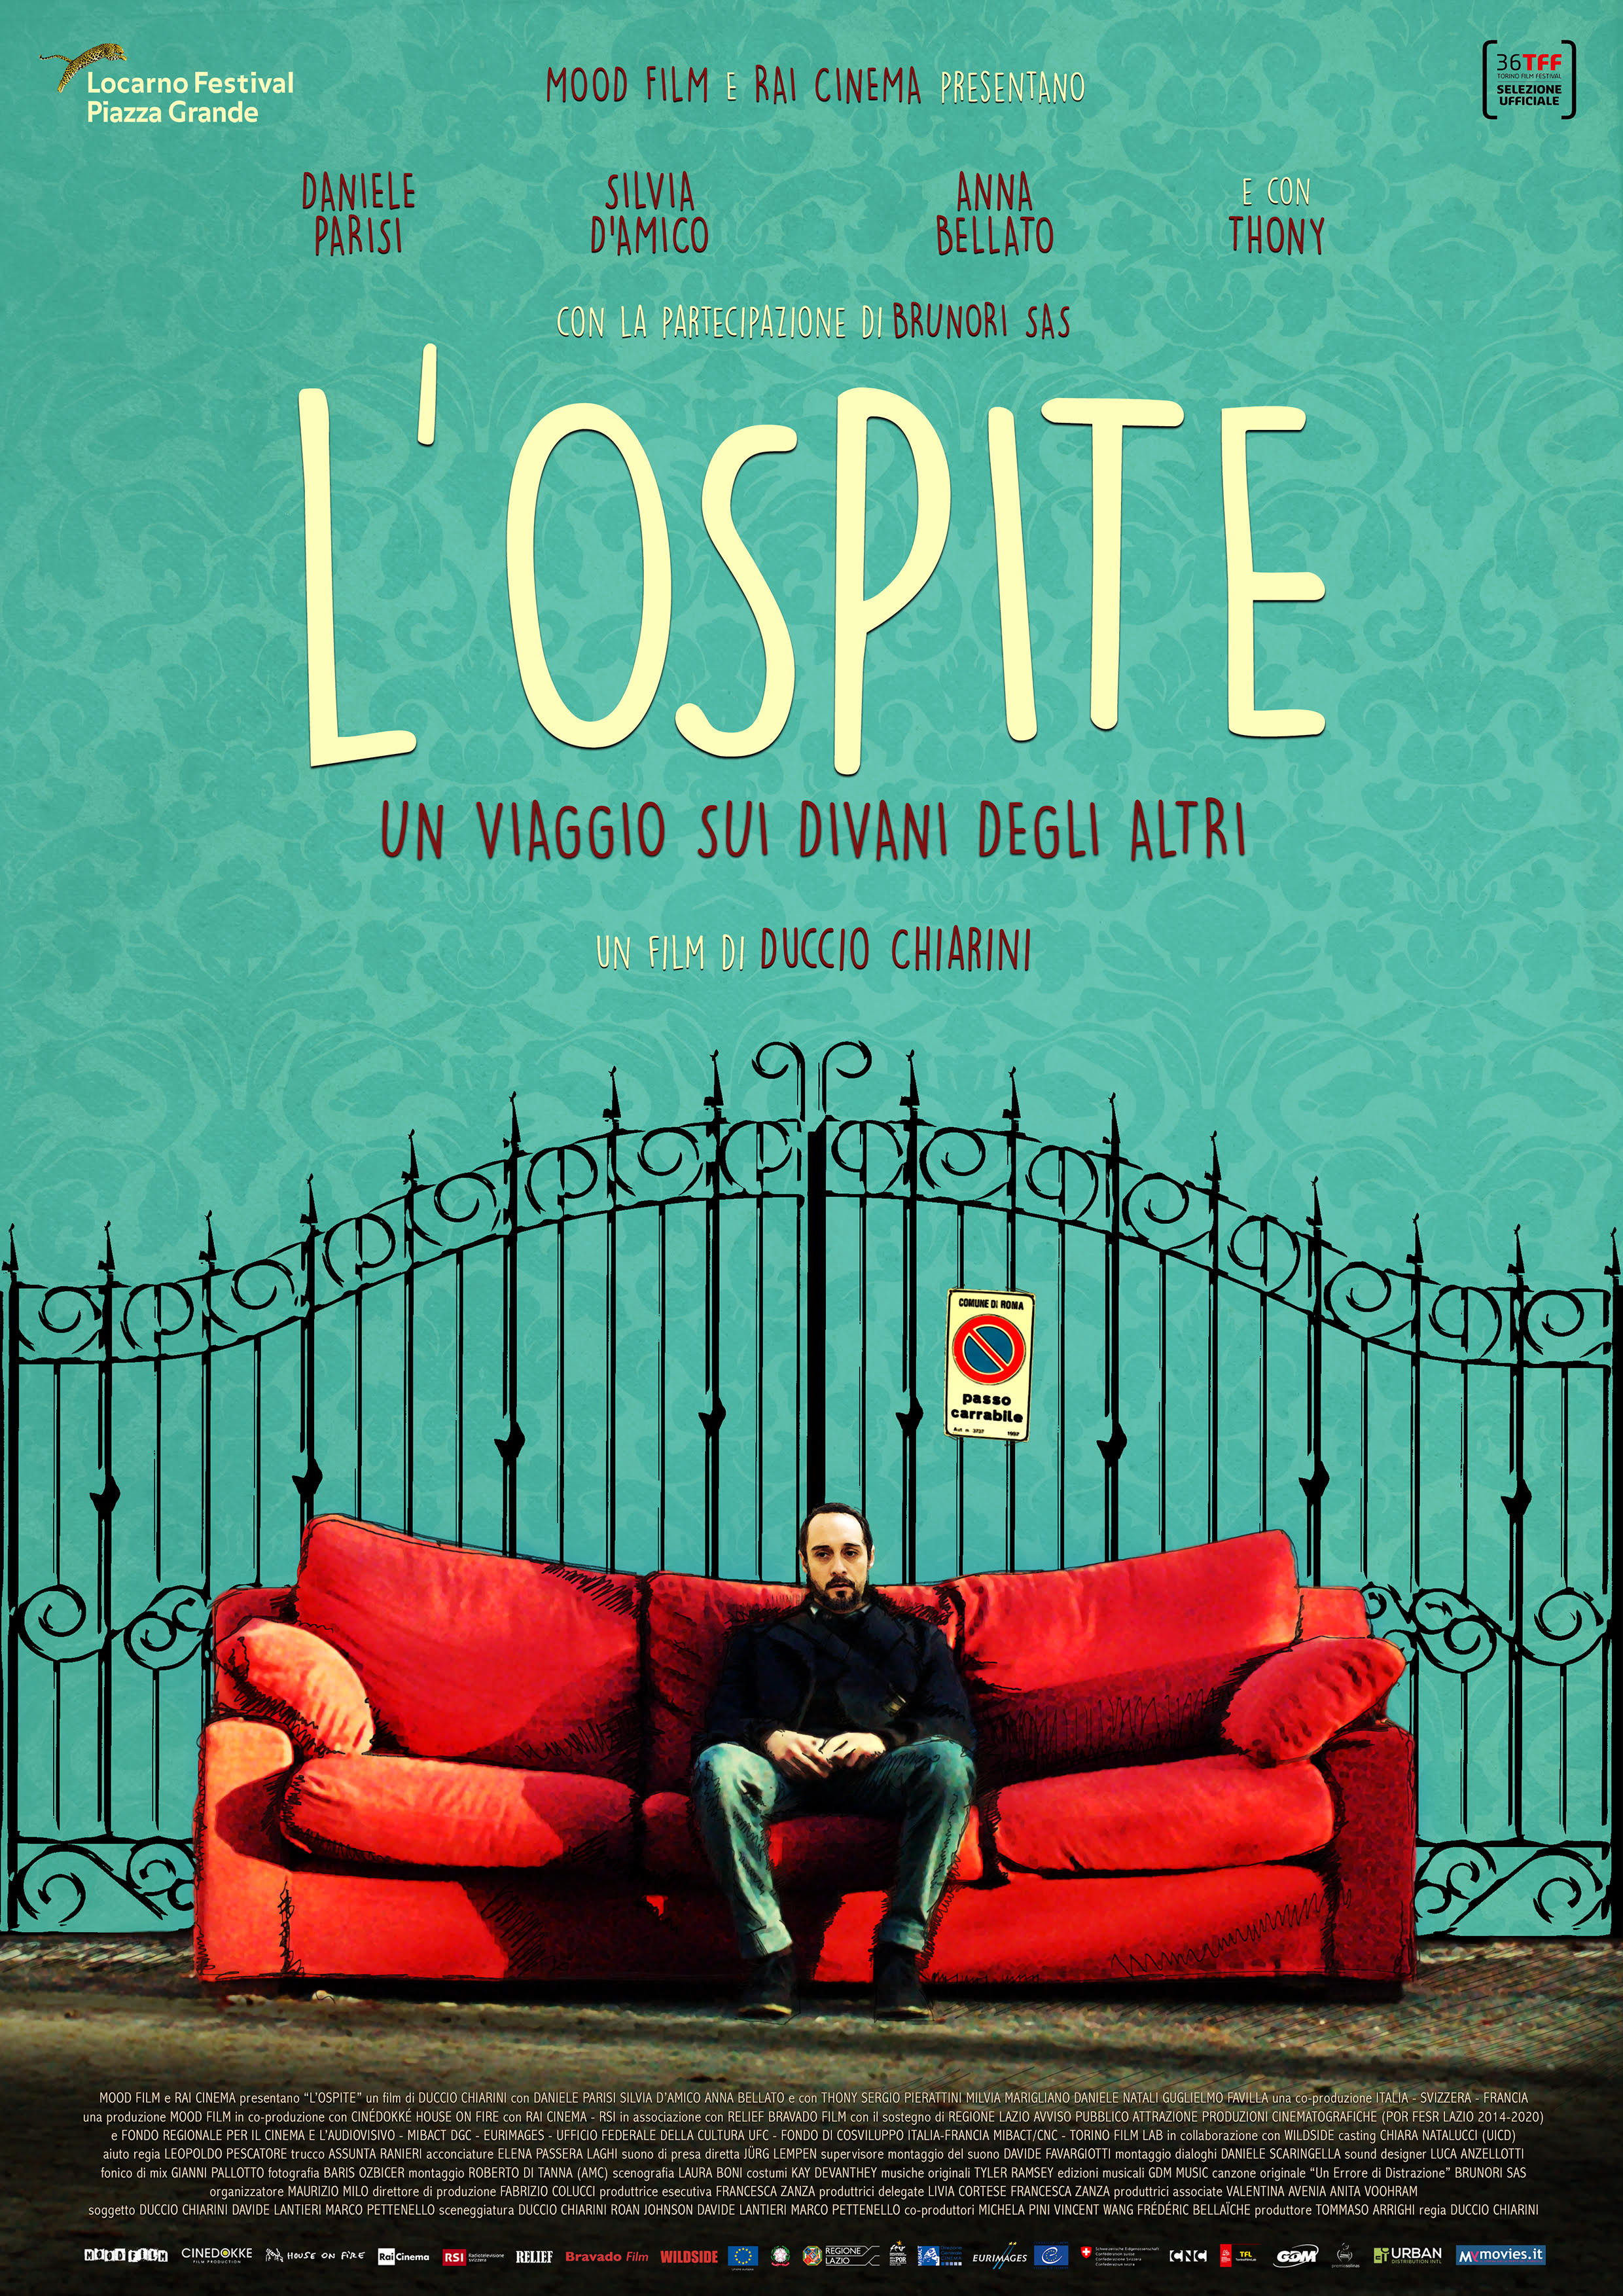 Duccio Chiarini, Daniele Parisi, and Silvia D'Amico in L'ospite (2018)